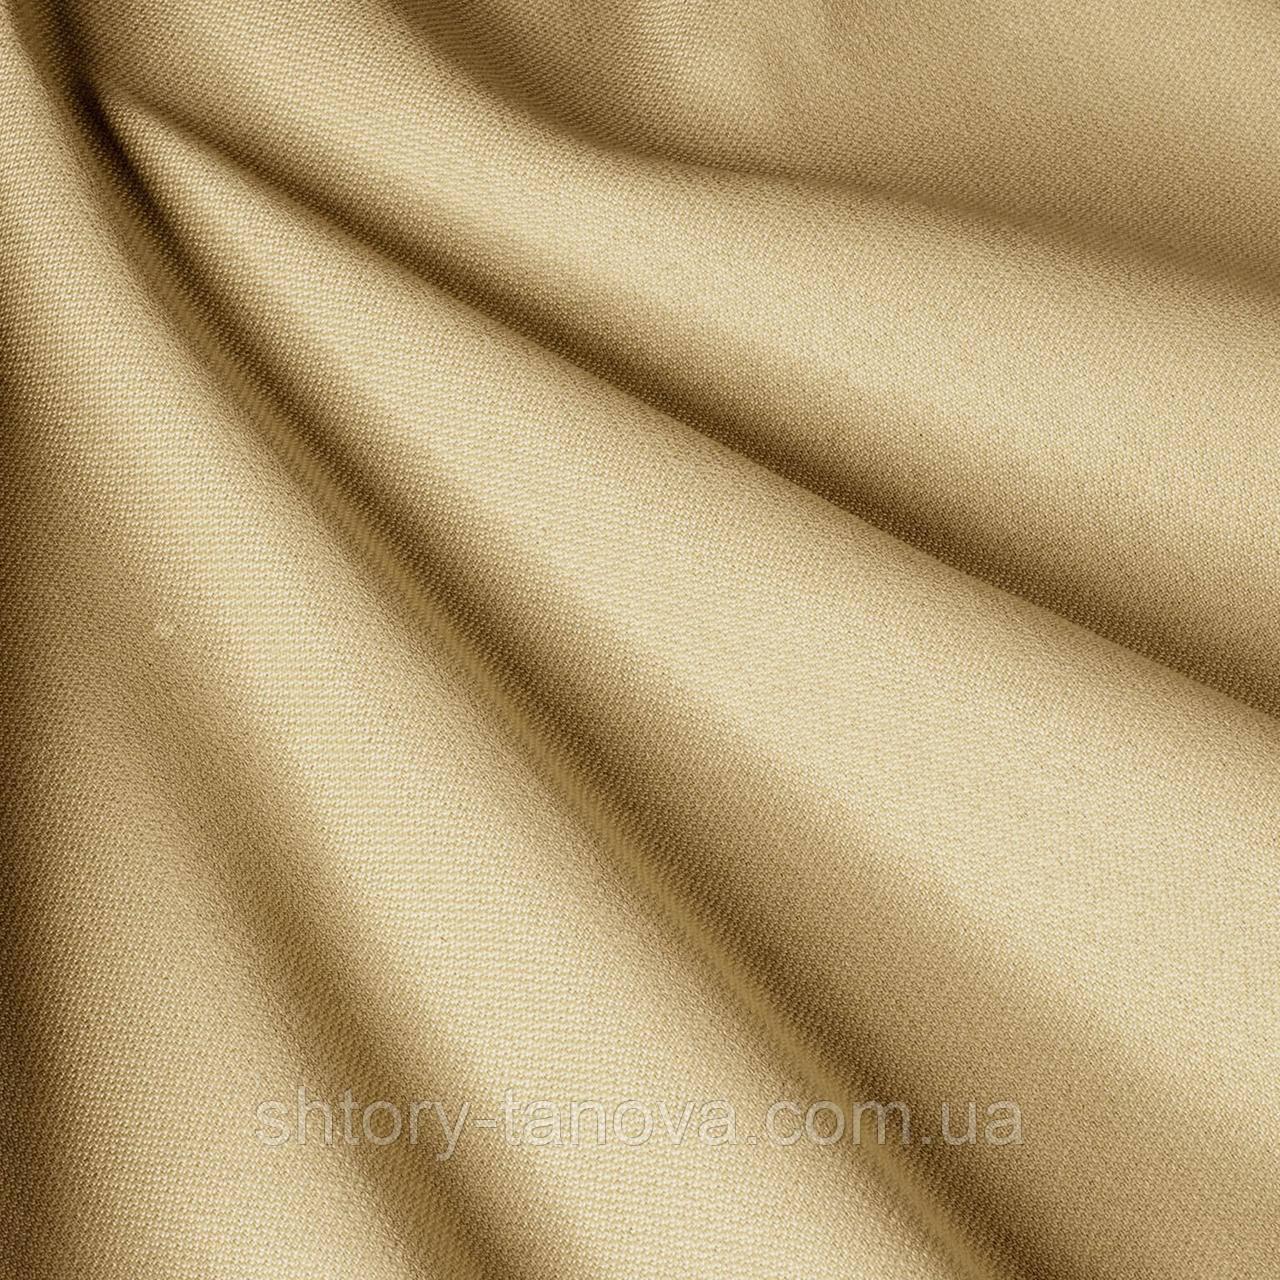 Дралон однотонный с тефлоновым покрытием, бежевый